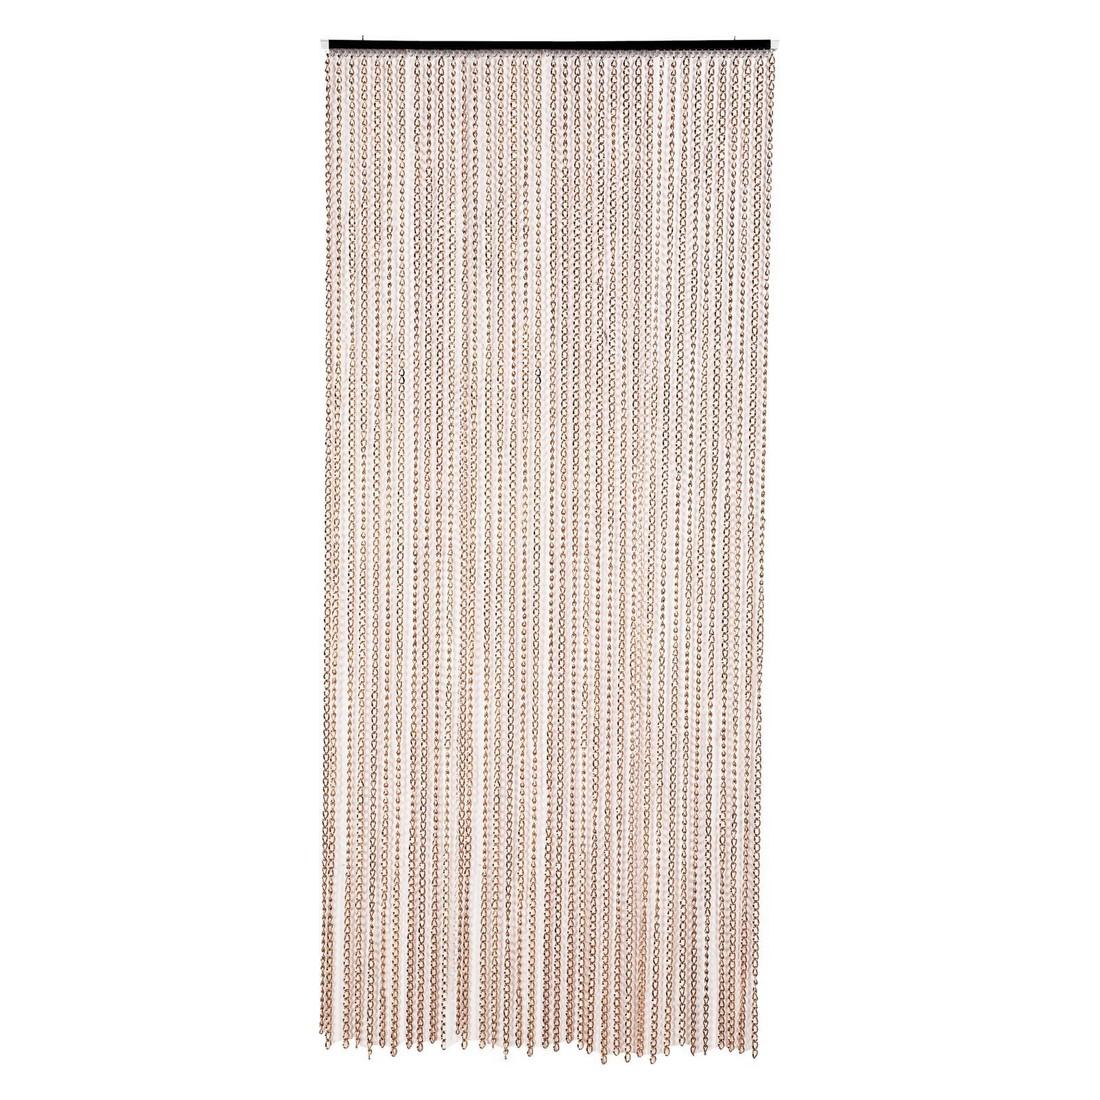 Türvorhang Chain Big Gold 90x200cm – Eisen, Kunststoff Orange, Kare Design jetzt kaufen